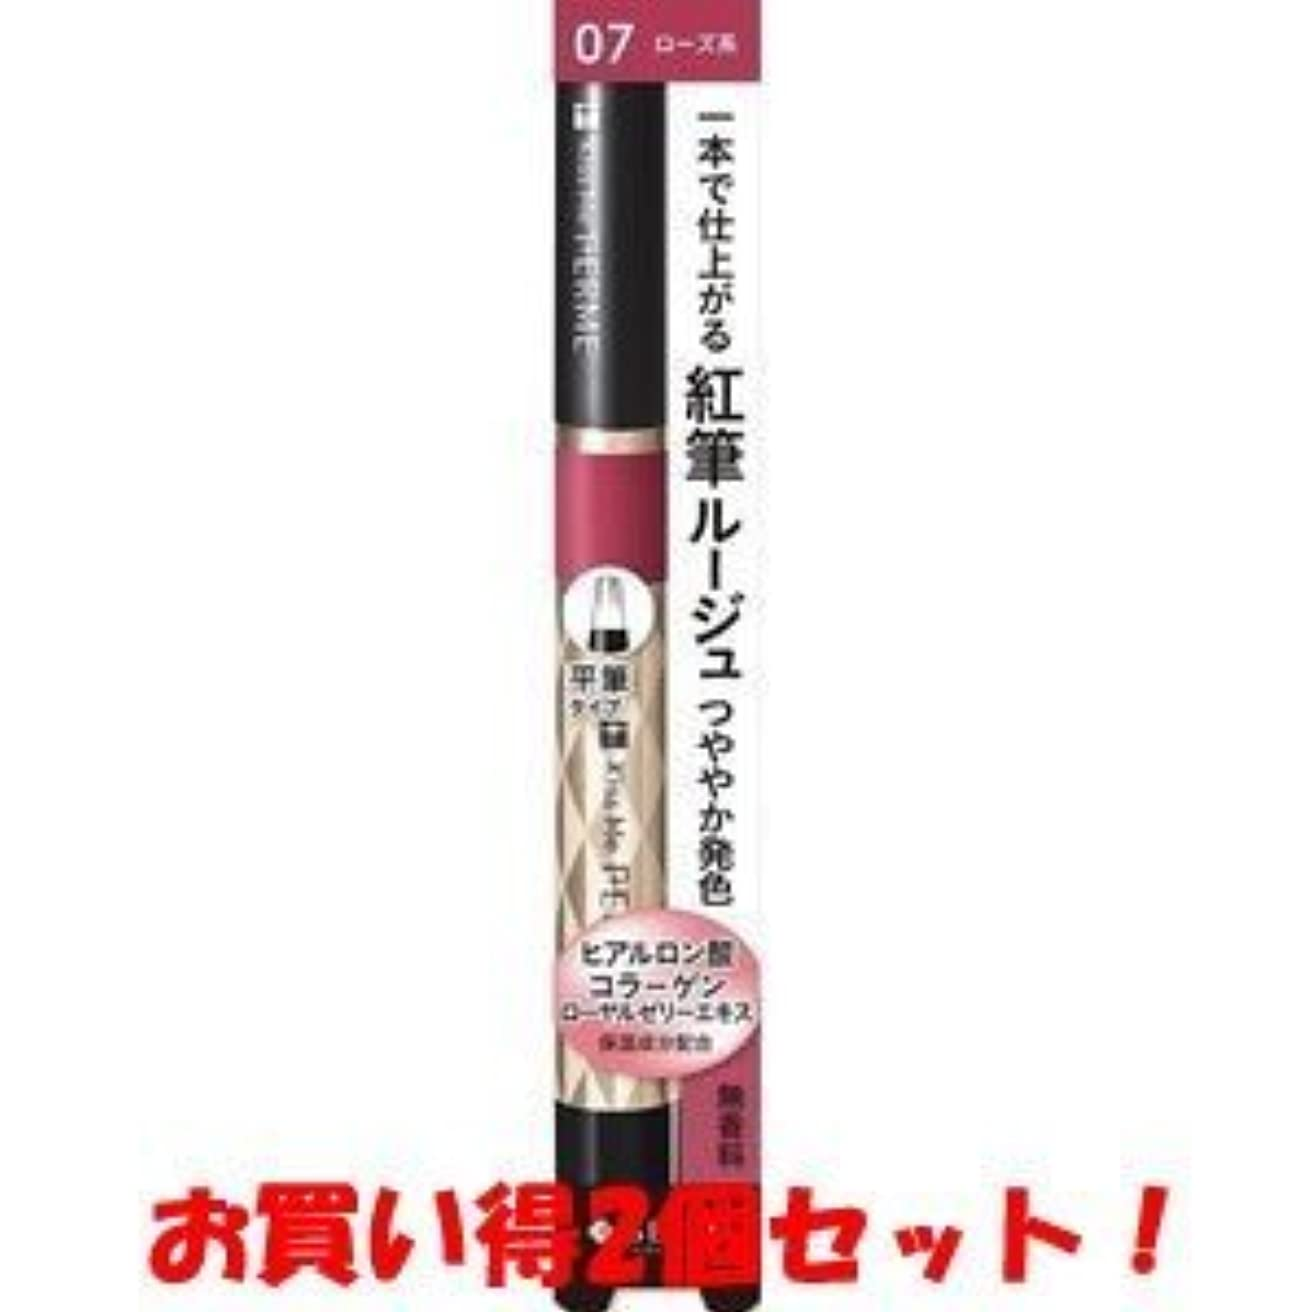 発症お気に入り予算(伊勢半)キスミー フェルム 紅筆リキッドルージュ 07 華やかなローズ 1.9g(お買い得2個セット)